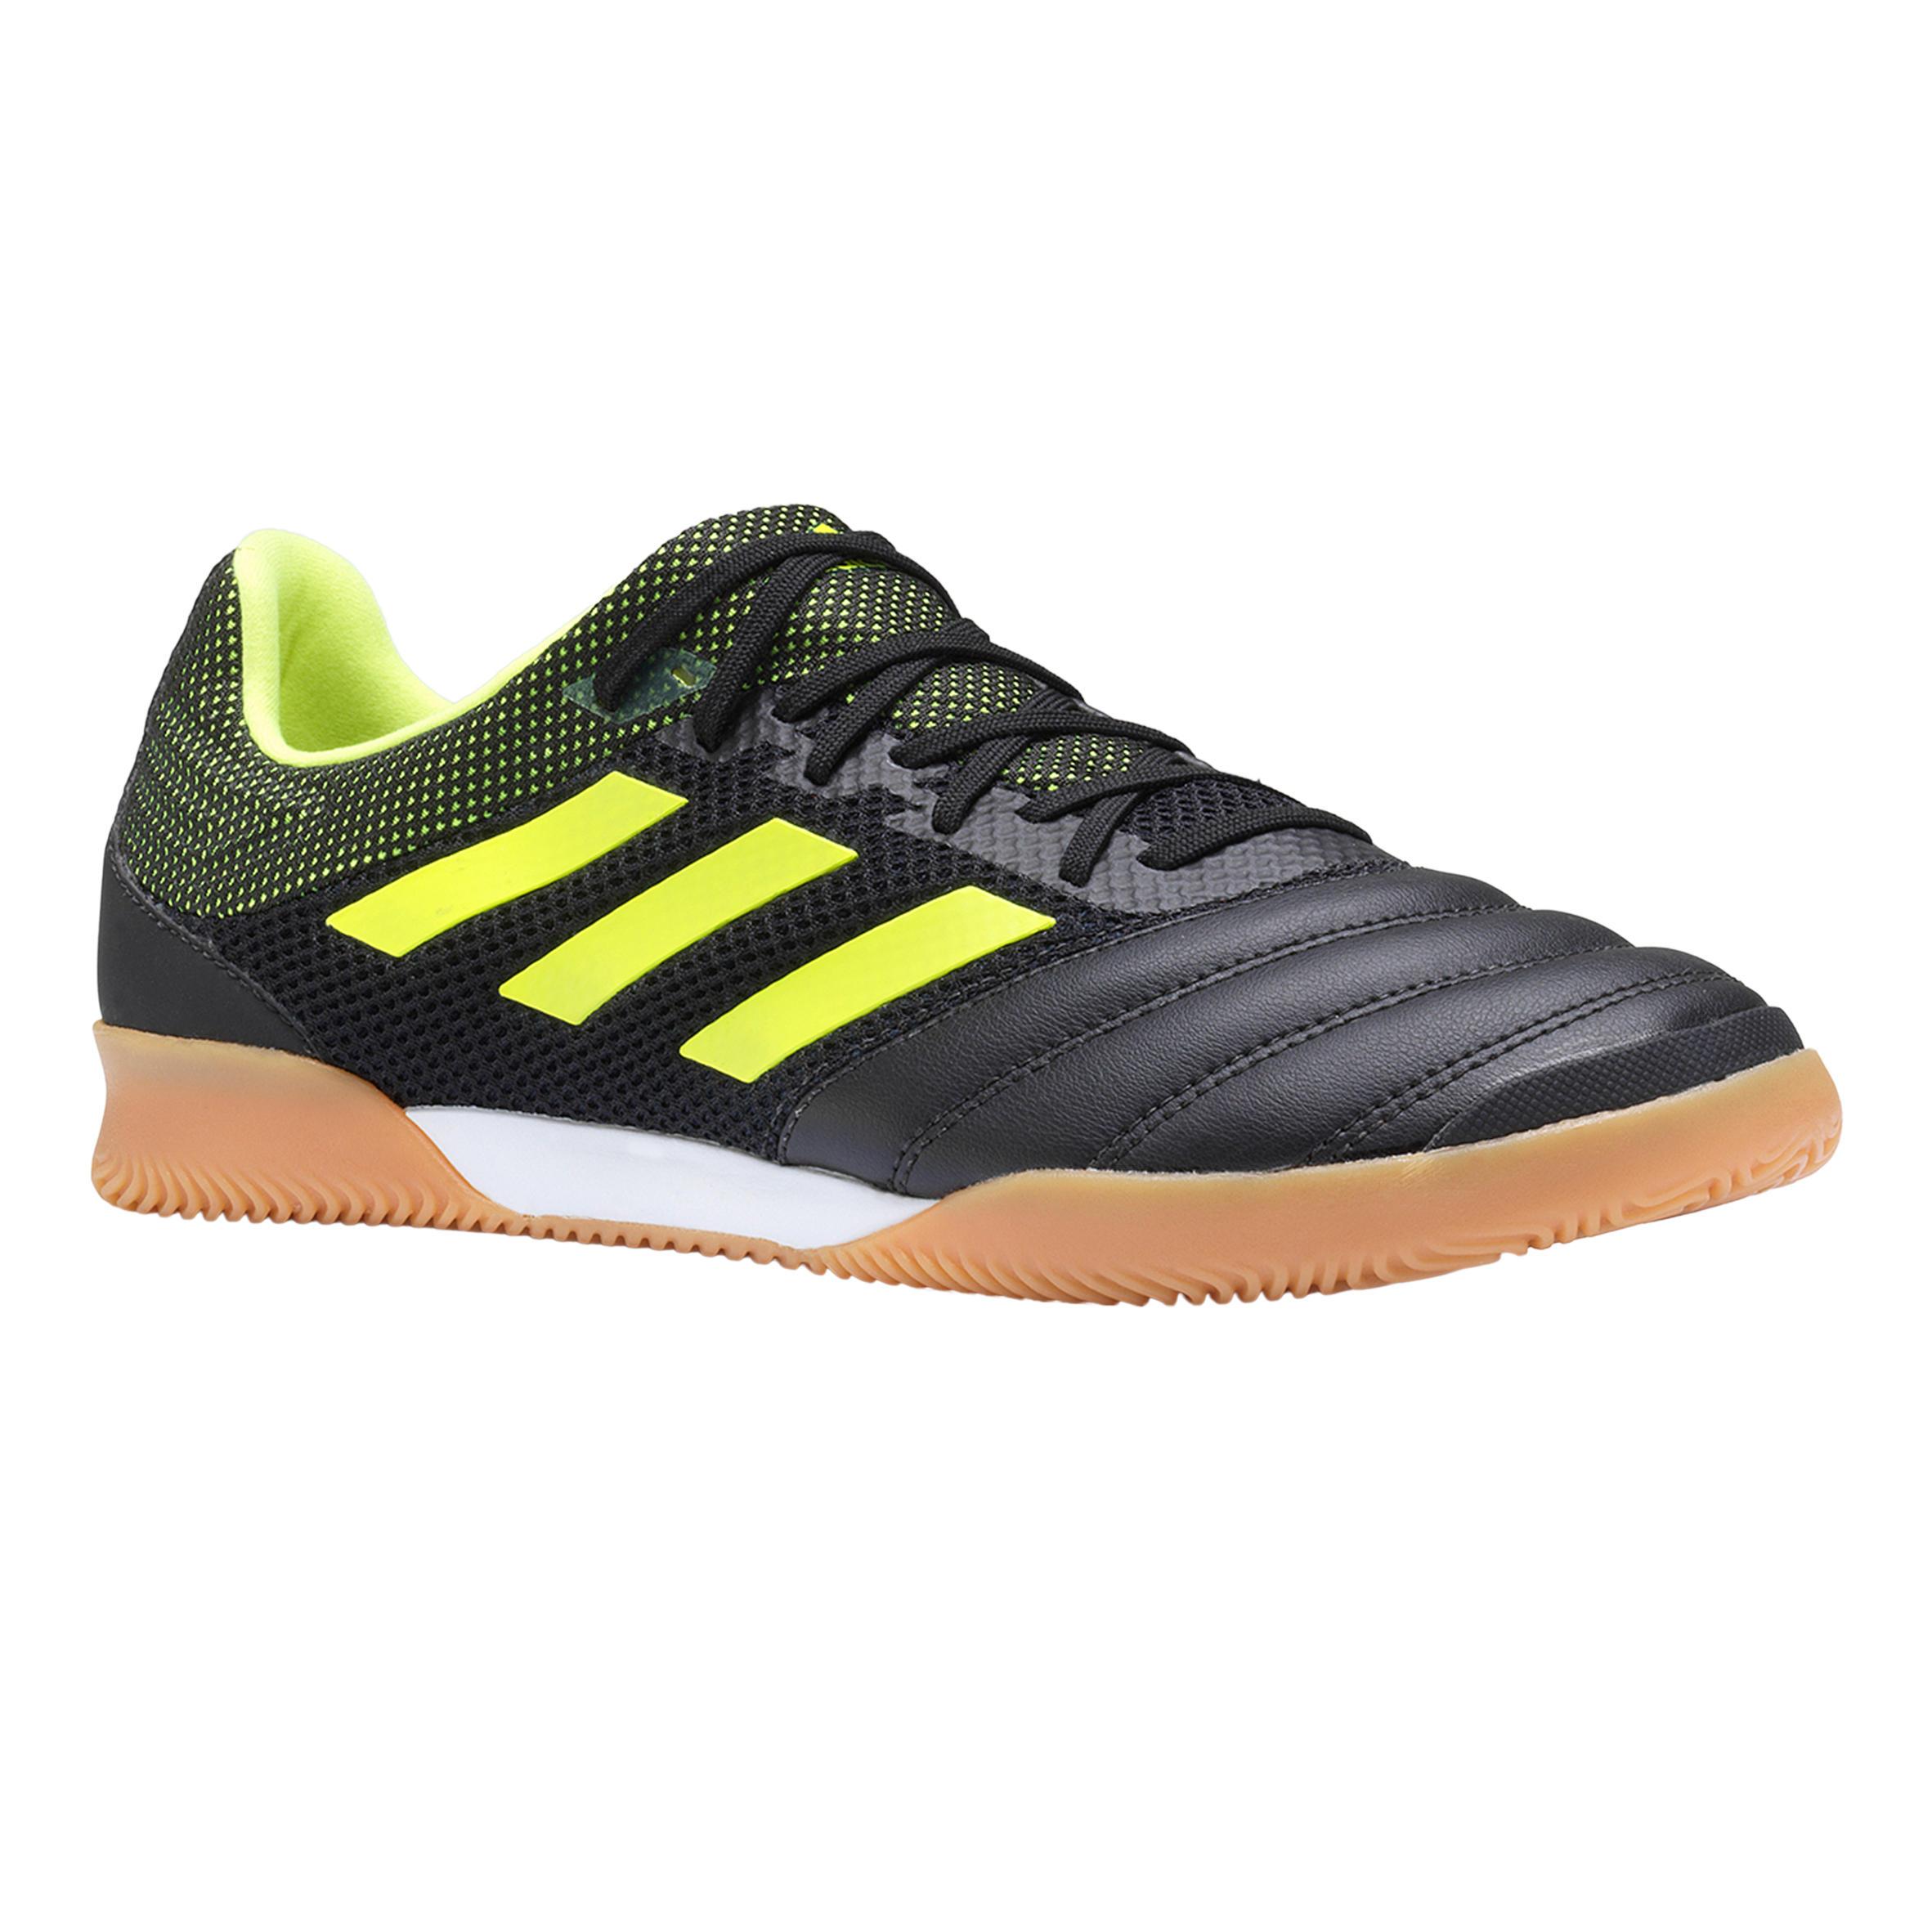 Hallenschuhe Futsal Fußball Copa 19.3 Erwachsene schwarz/gelb | Schuhe > Sportschuhe > Hallenschuhe | Schwarz - Gelb | Adidas